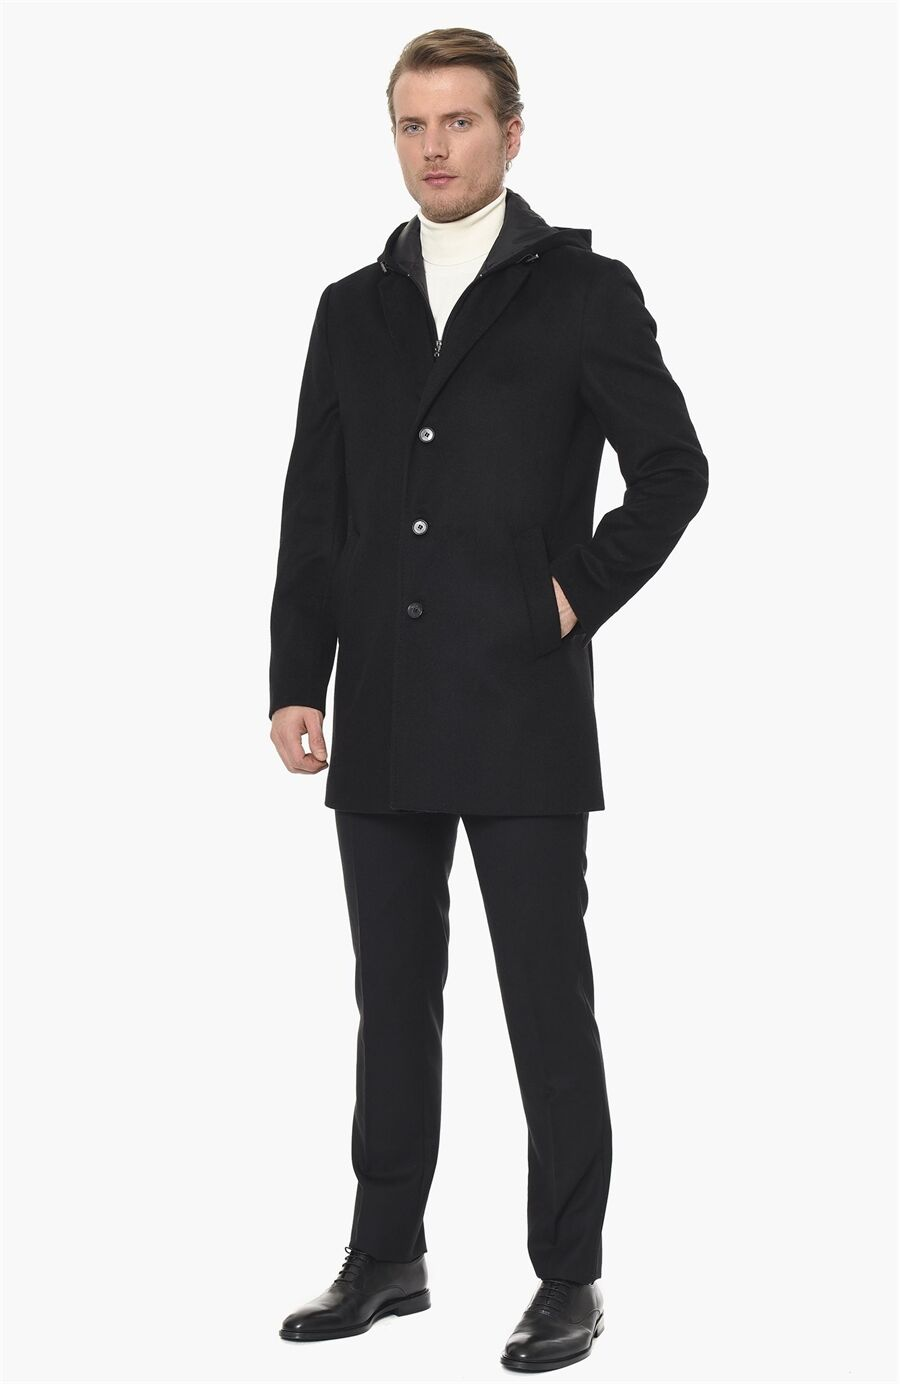 Kapüşonlu Yaka Siyah Palto